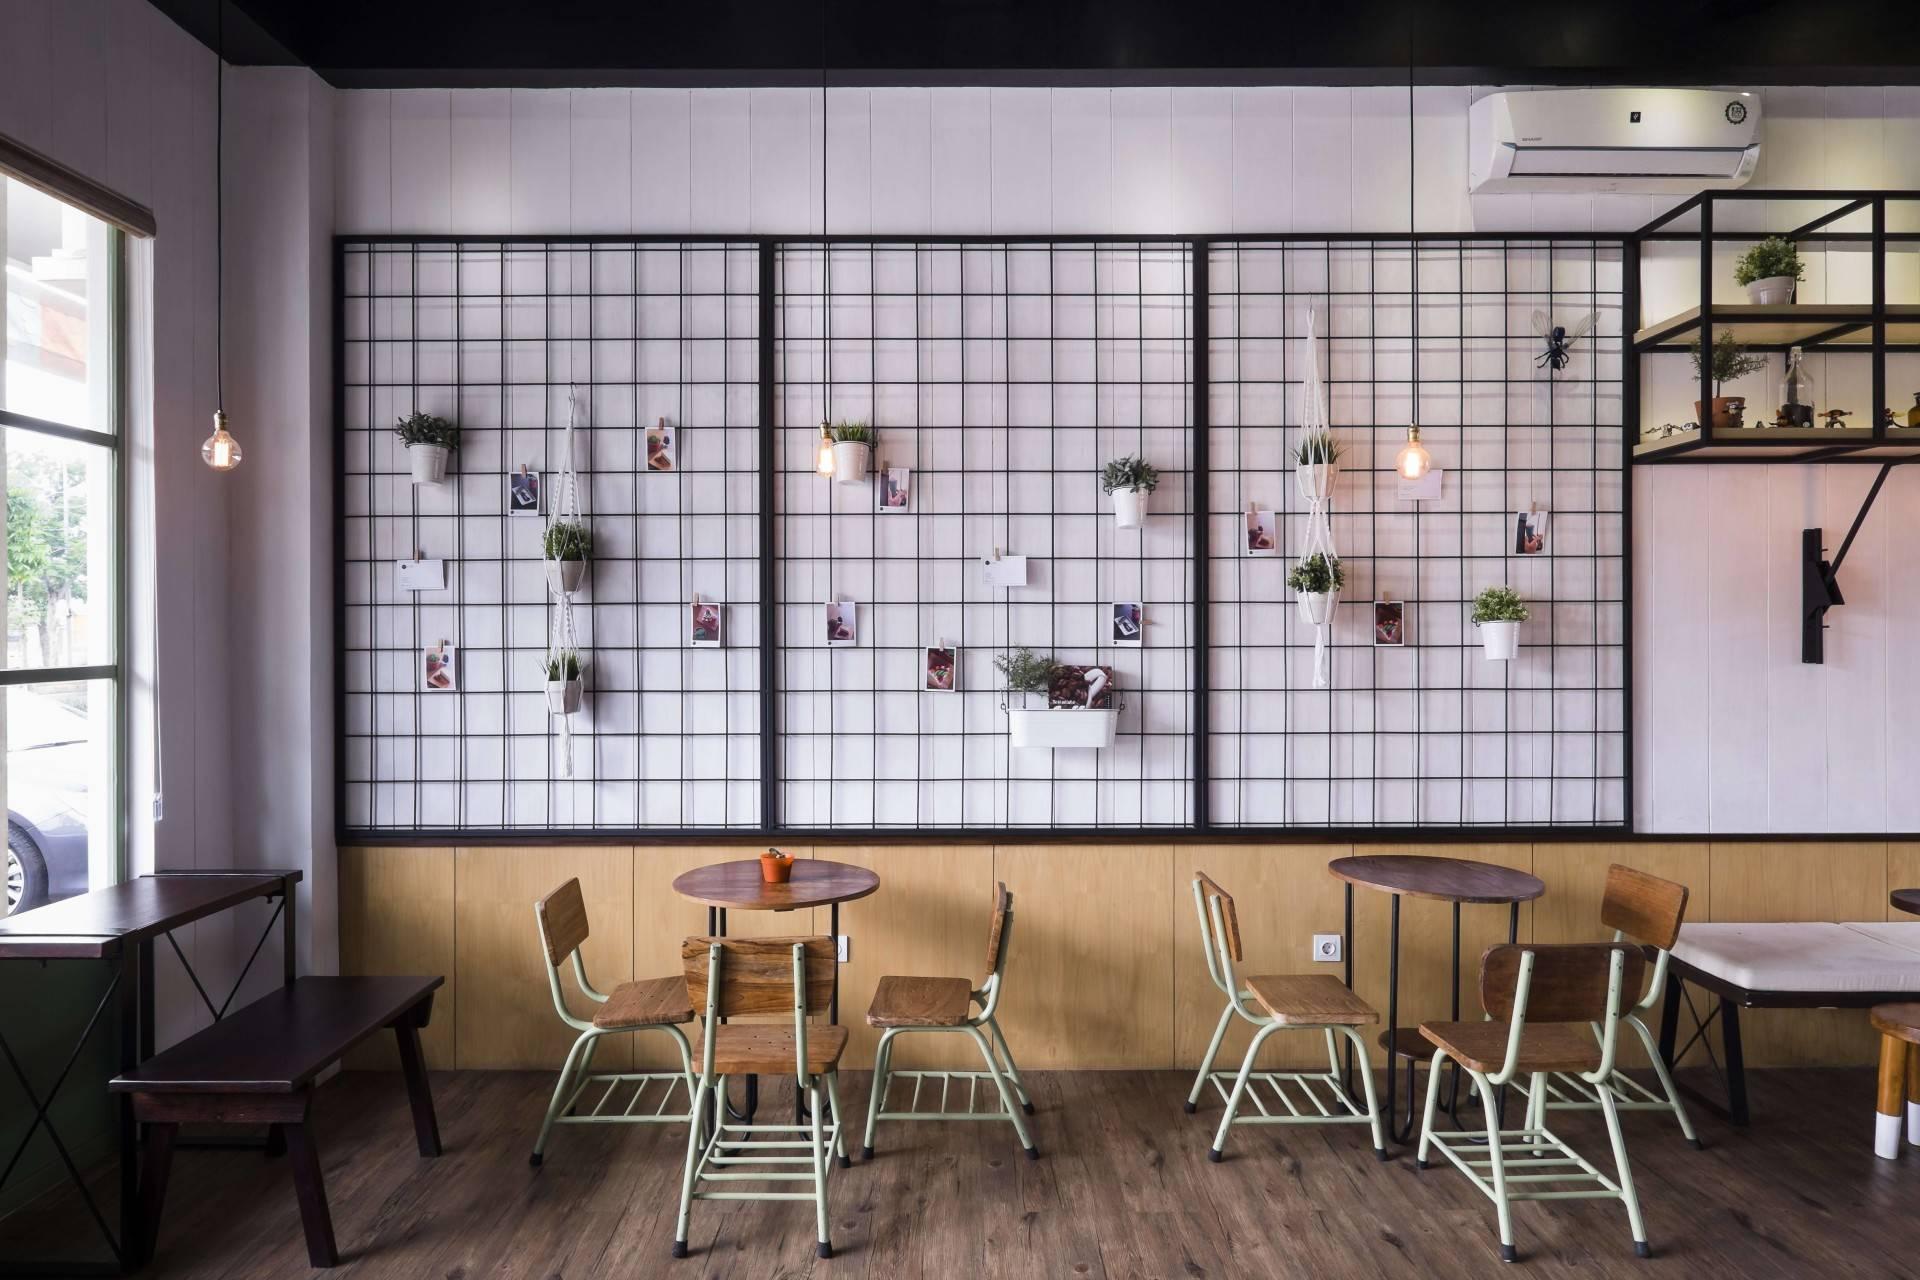 Bitte Design Studio Voyage Coffee At Gading Serpong  Tangerang, Indonesia Tangerang, Indonesia Voyage Coffee Seating Area   2018